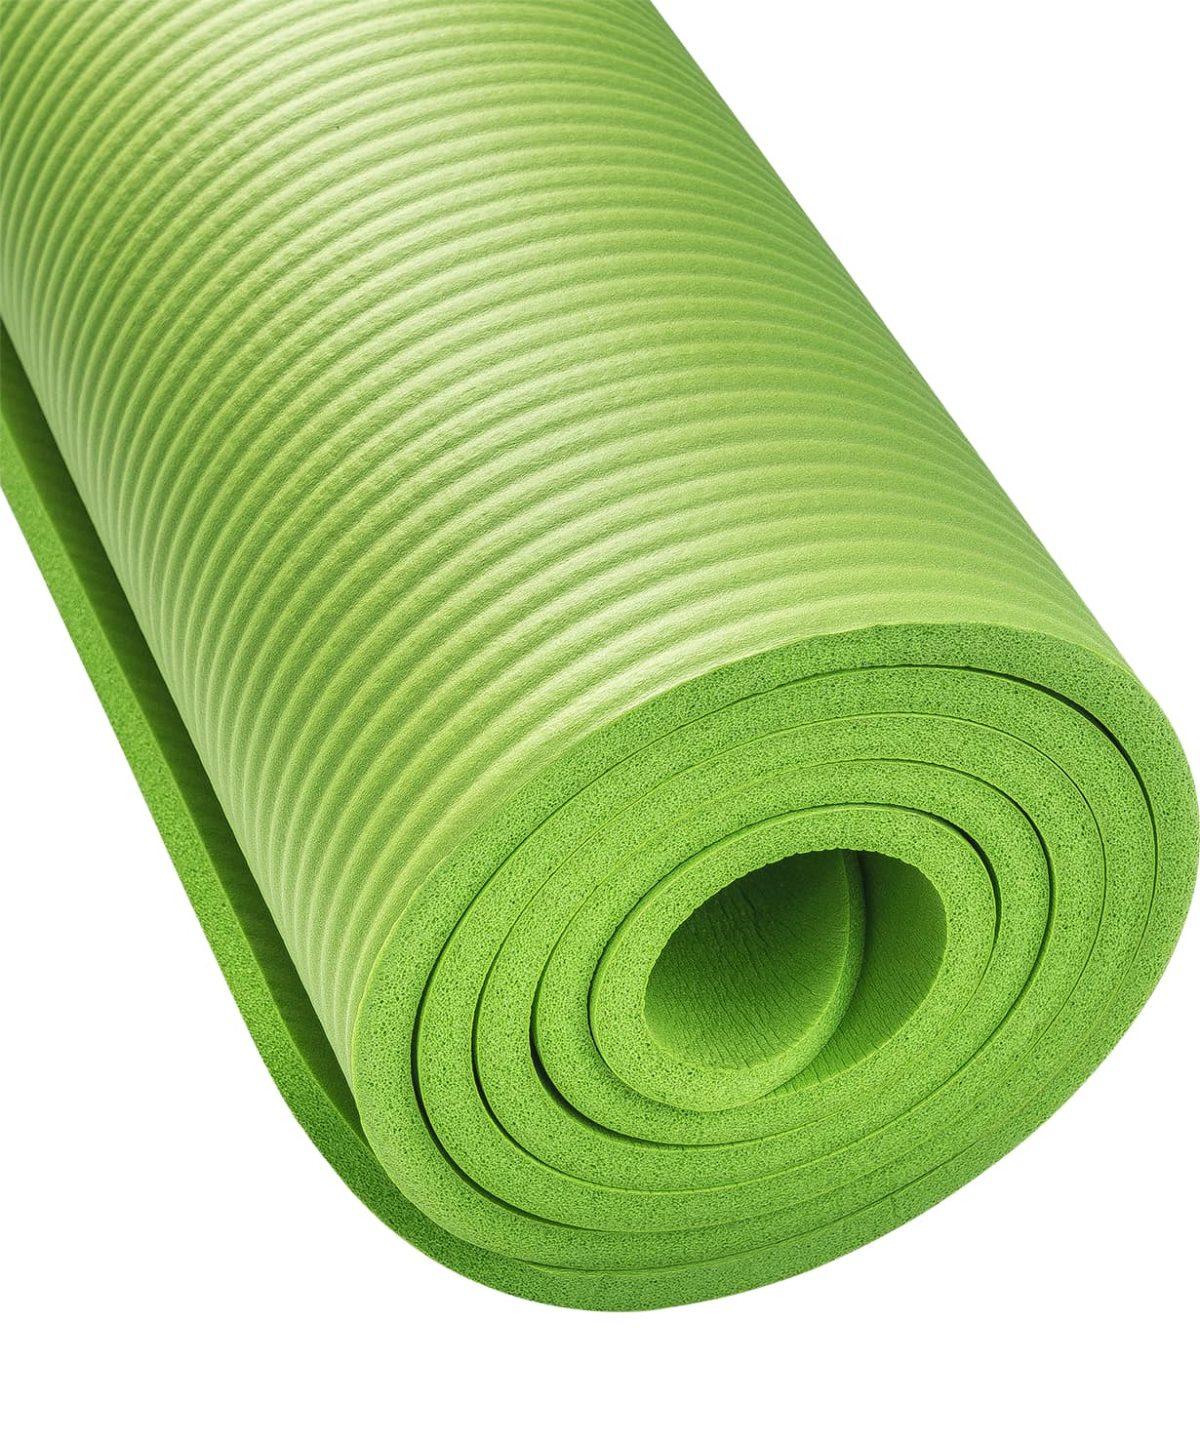 STARFIT Коврик для йоги FM-301 183х58х1,0 см: зелёный - 2